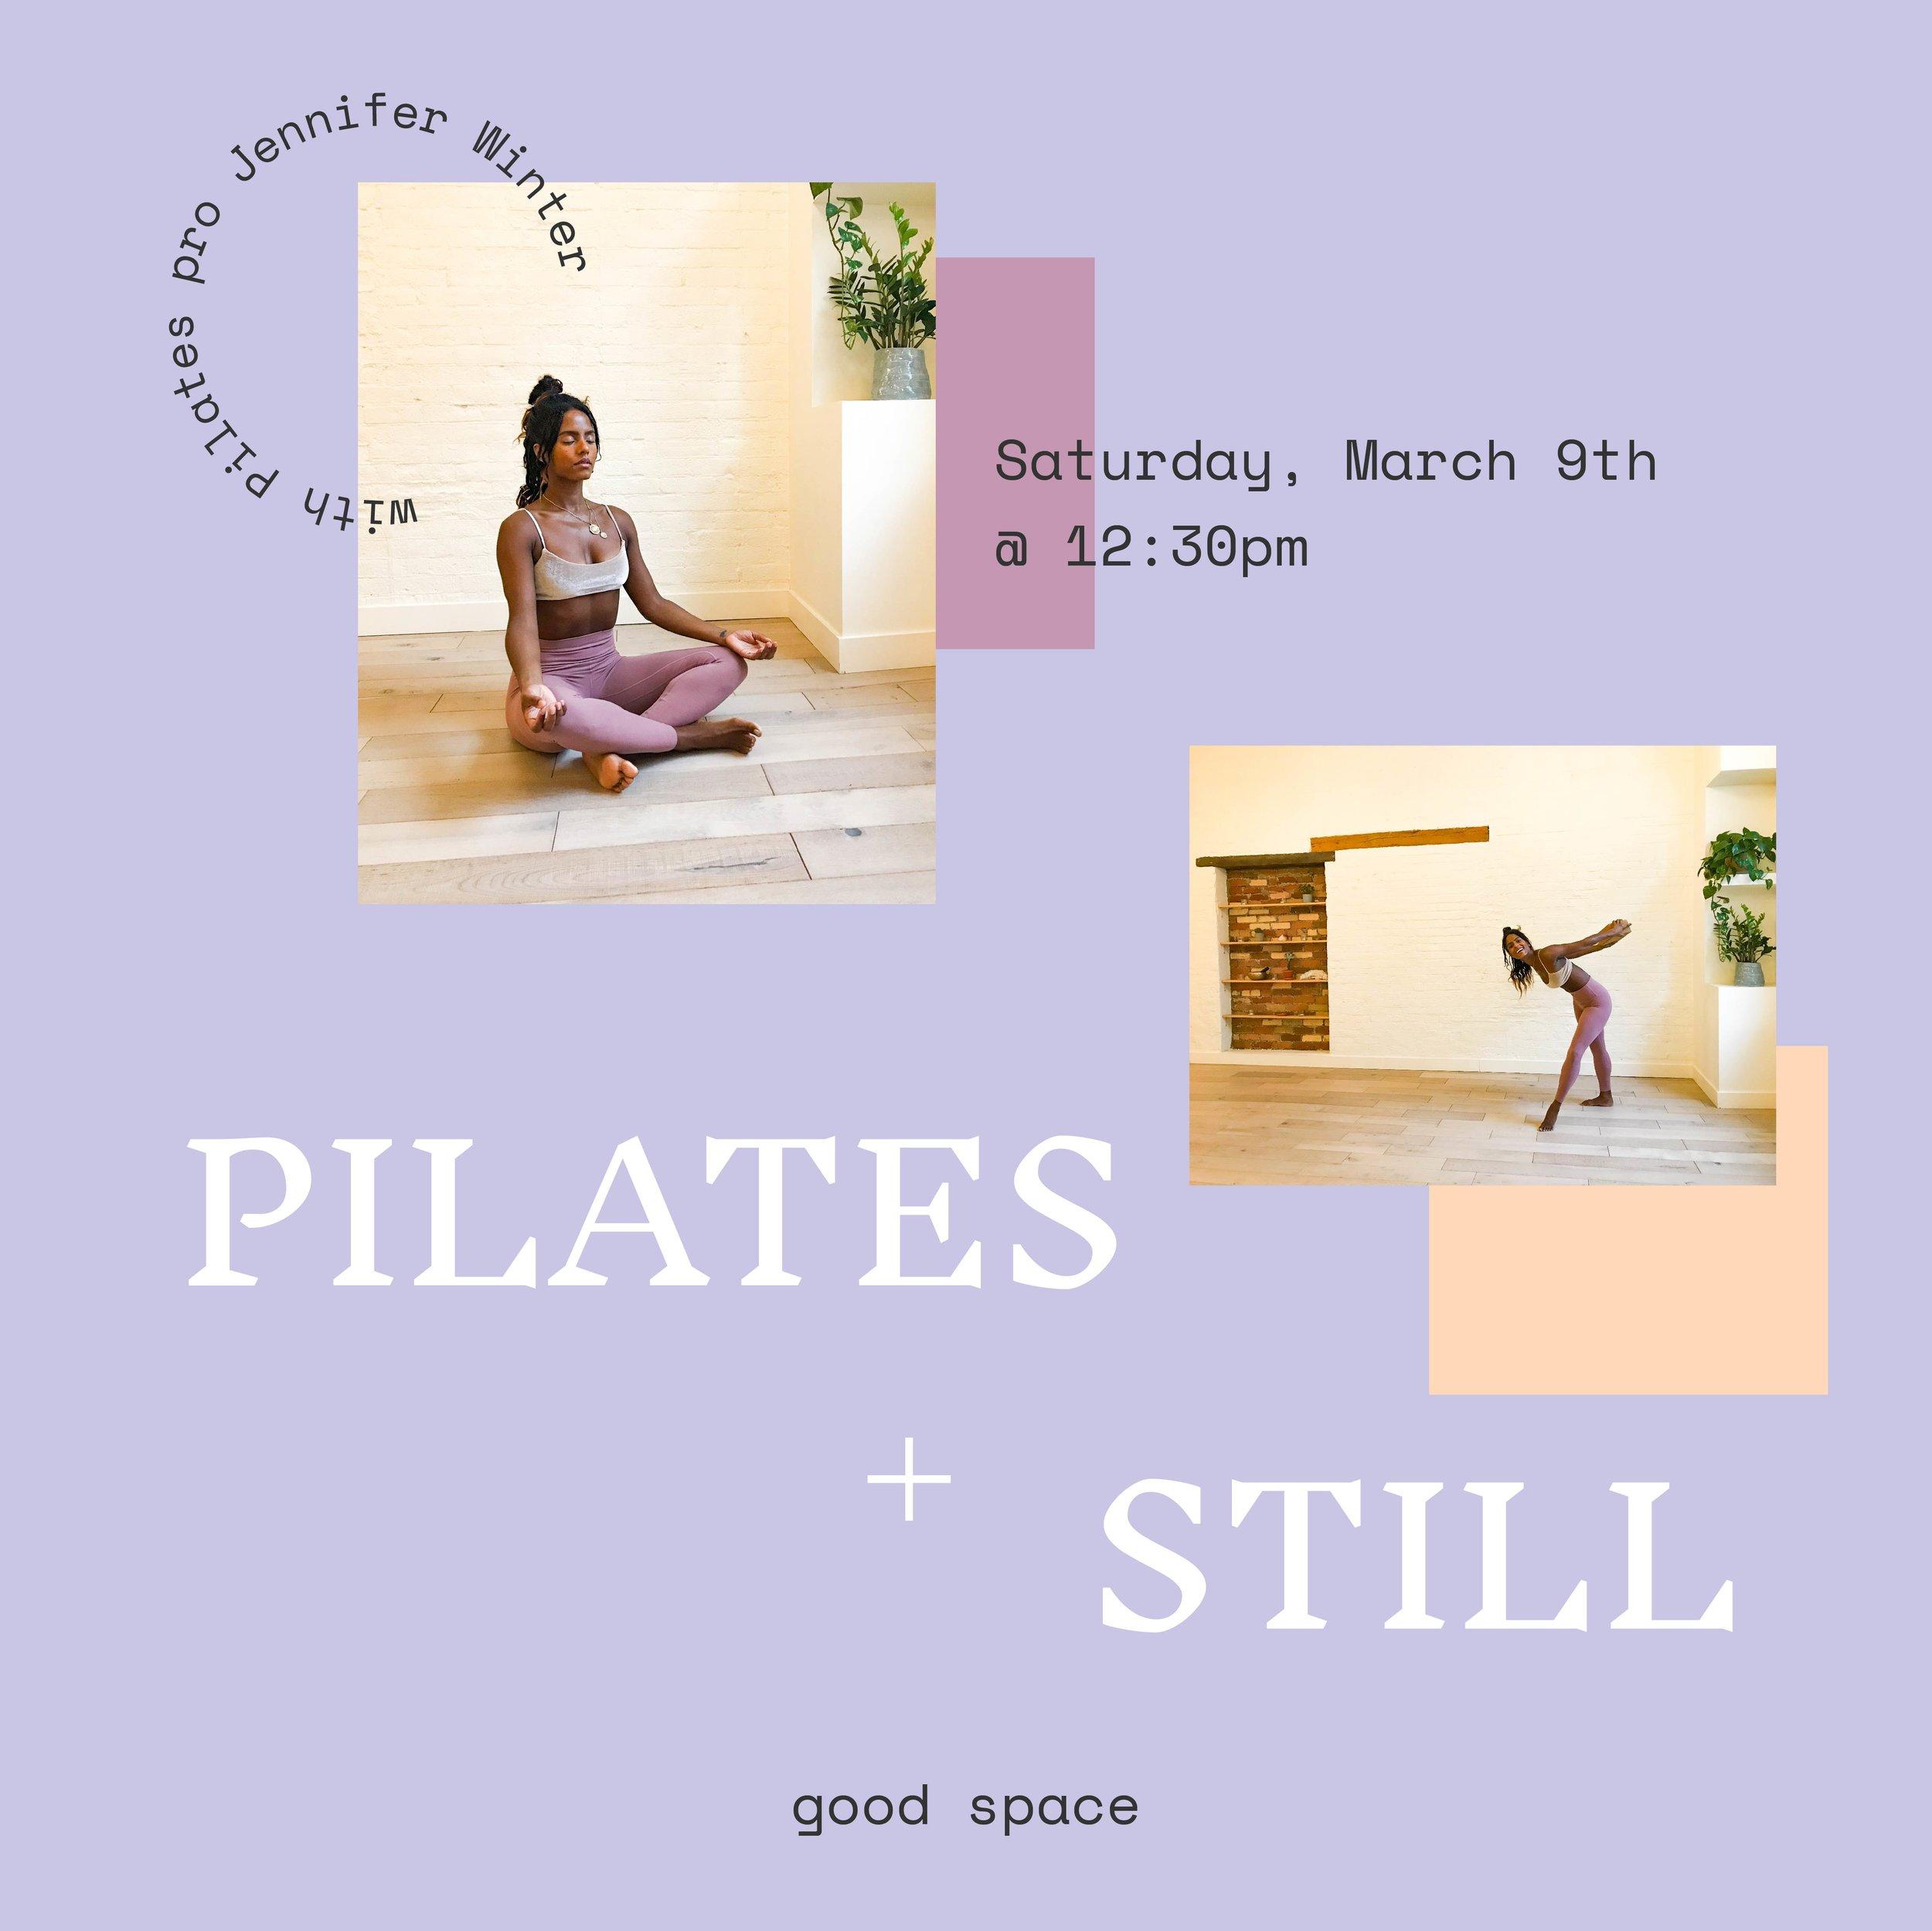 pilates + still_v2-02.JPG